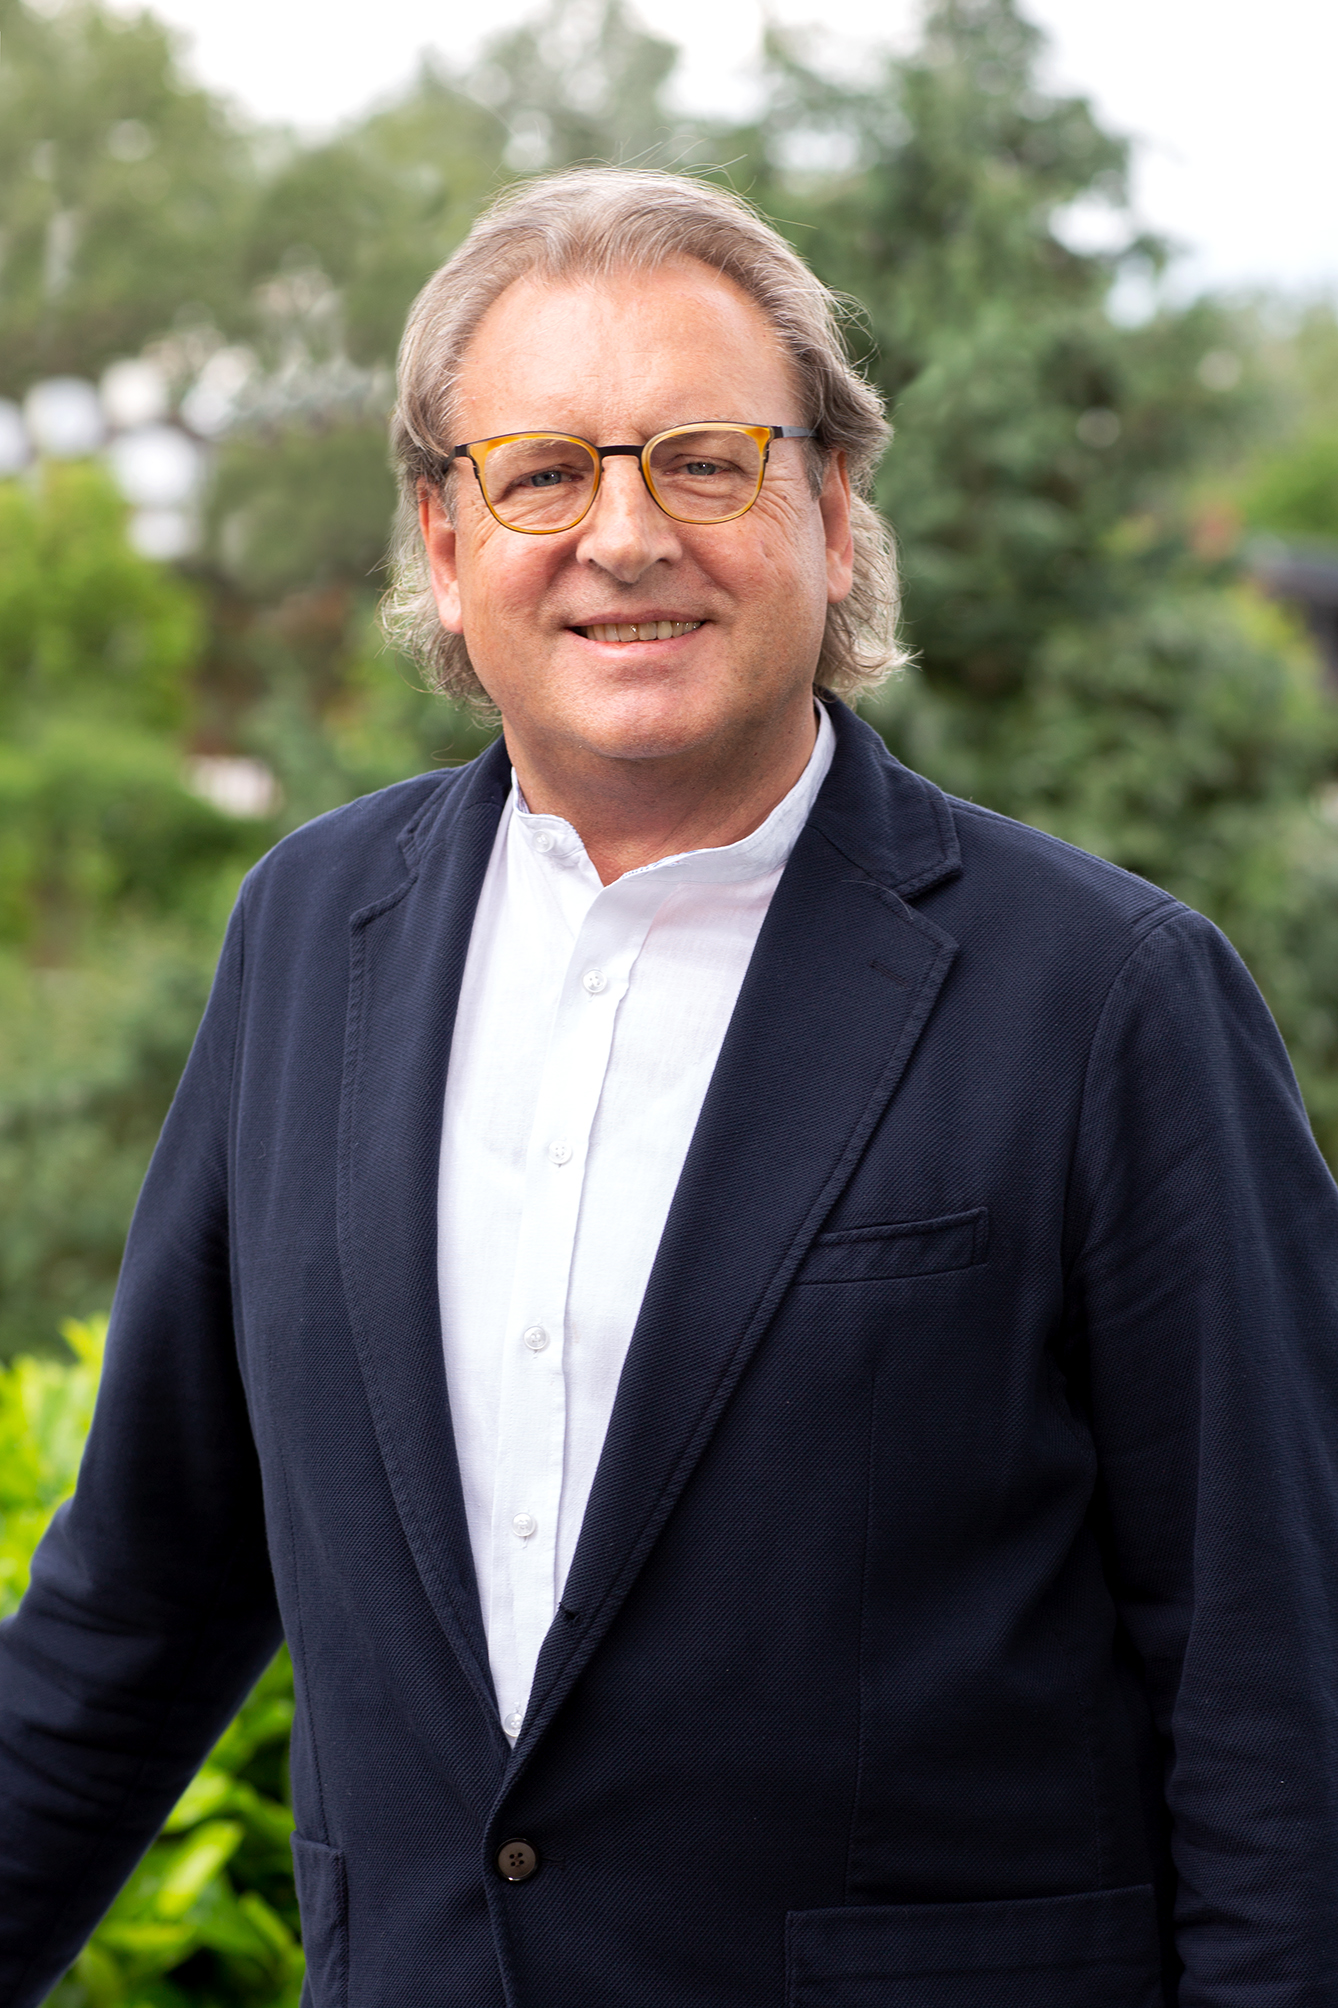 Karl Linauer / Unternehmer & Ex-Obmann des Unternehmervereins Wr.Neustadt